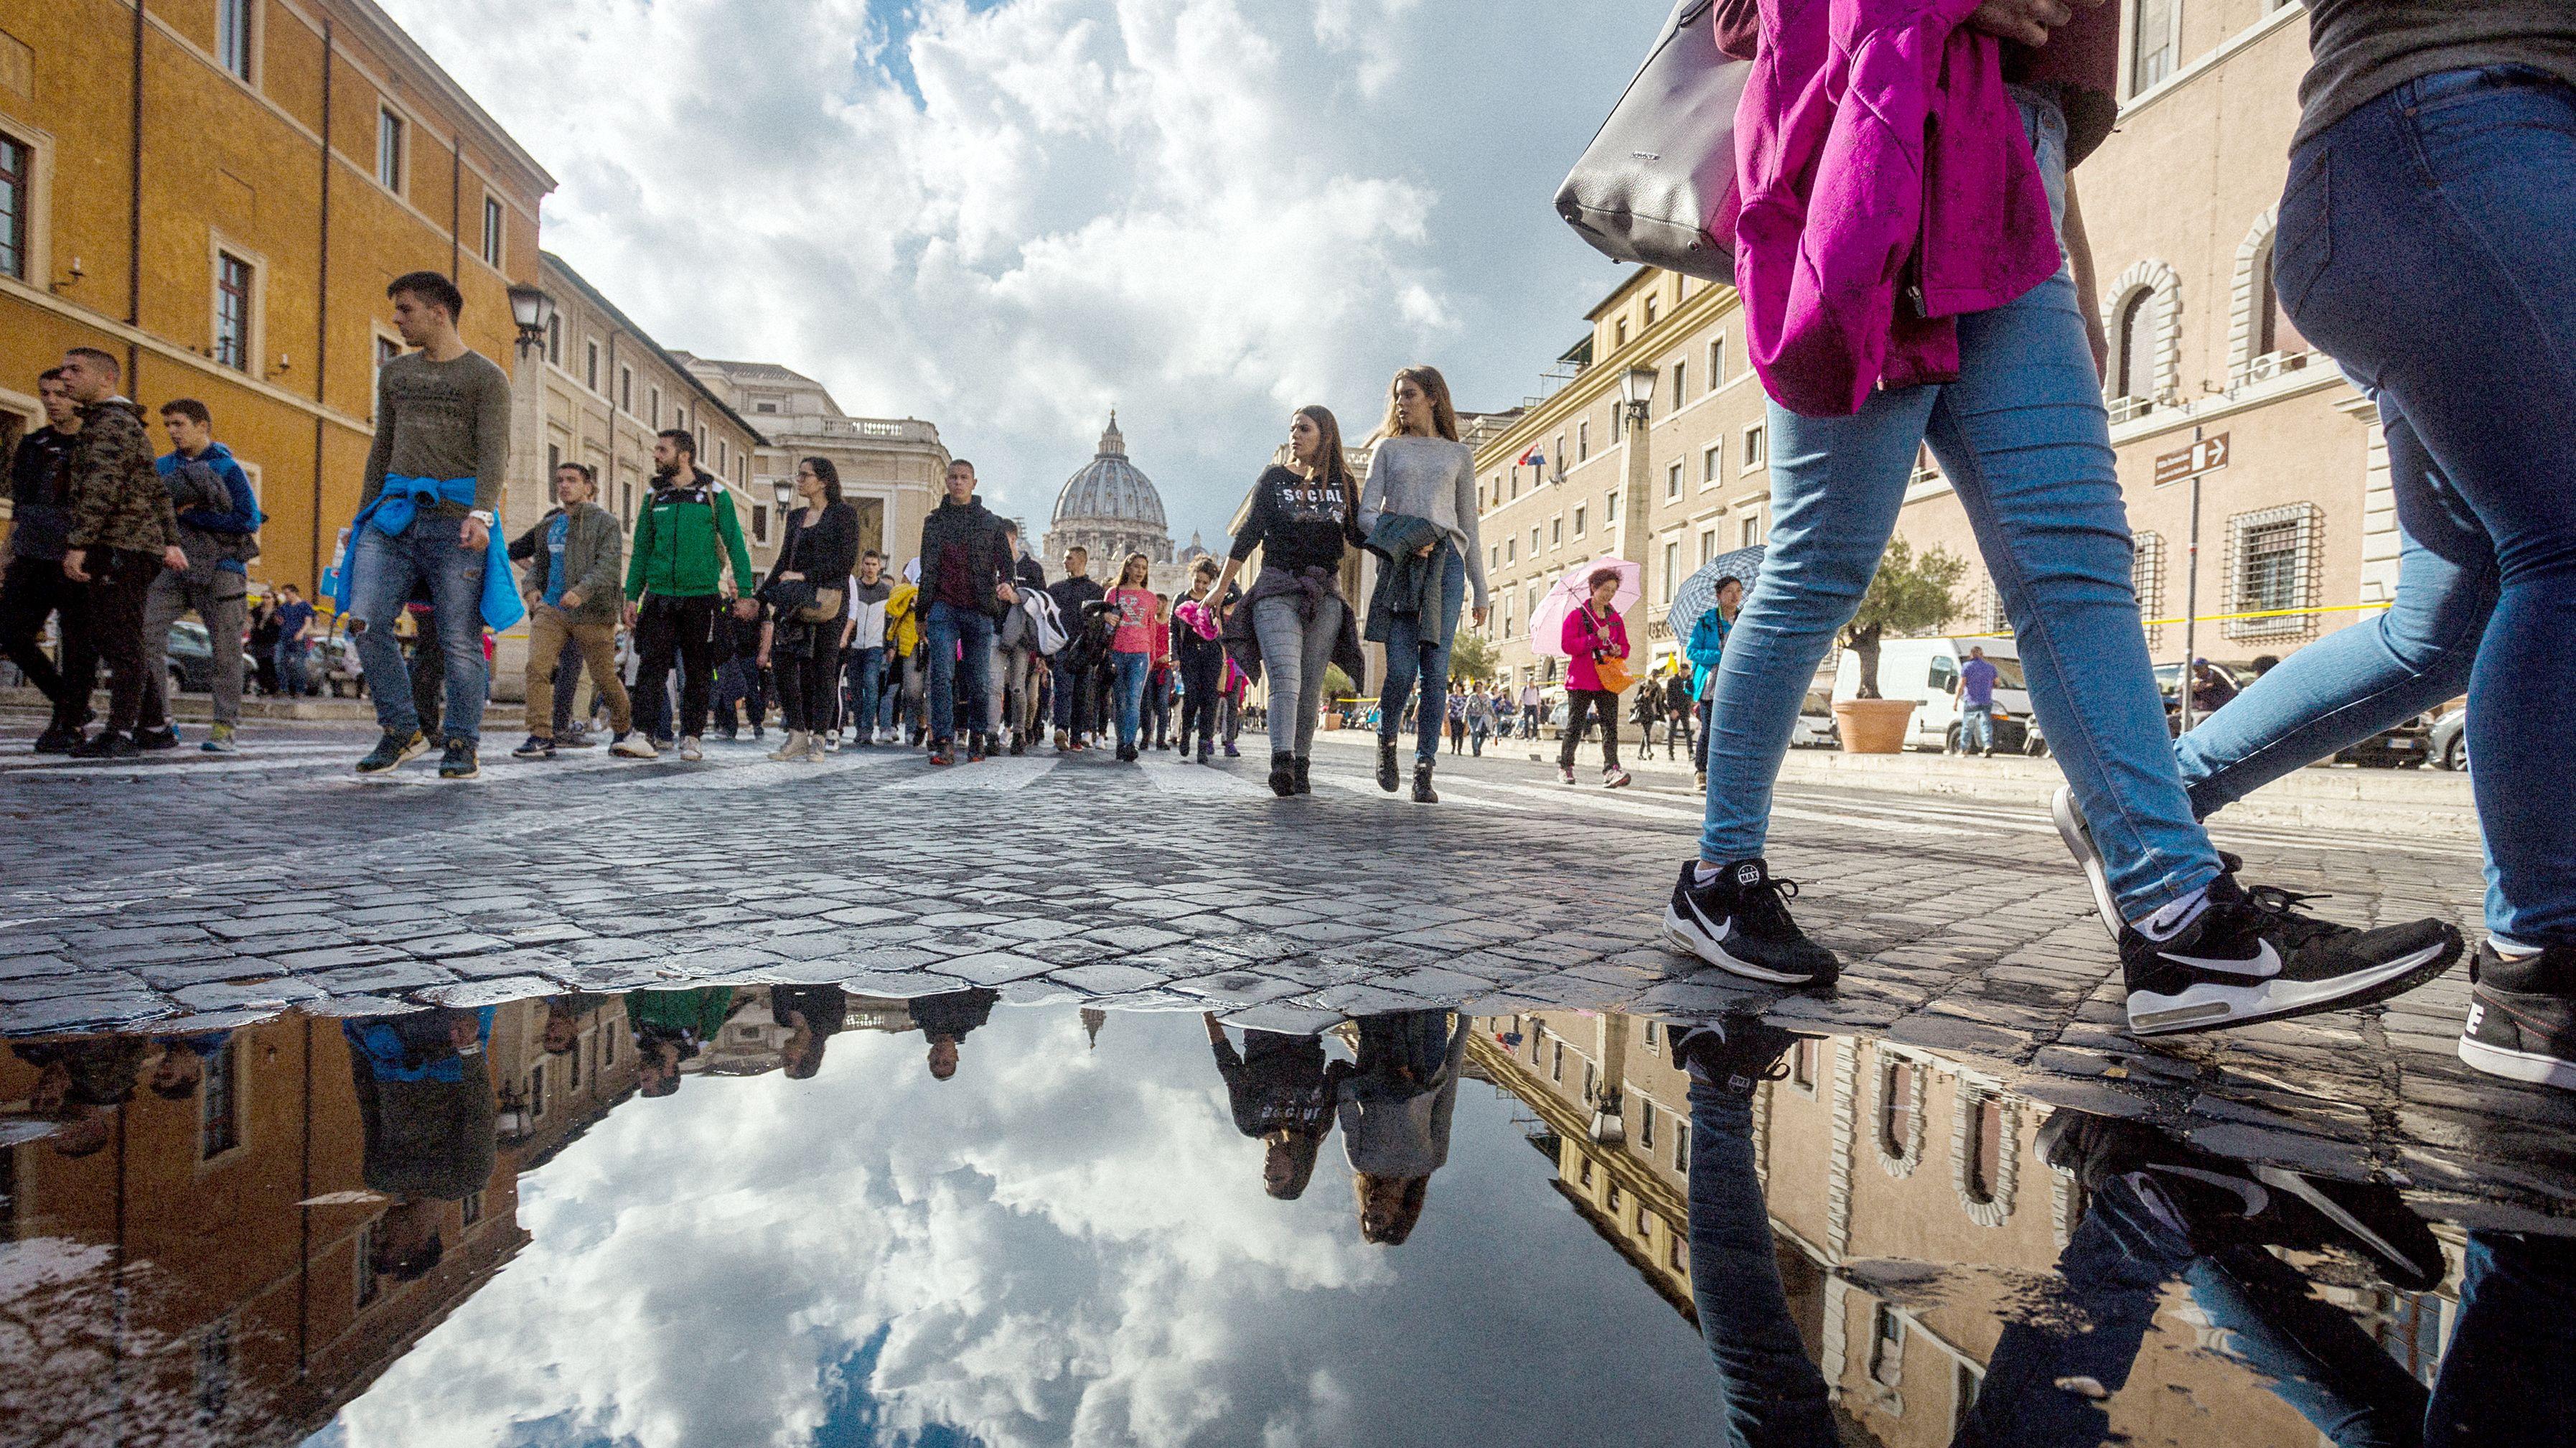 Menschen gehen an der Via della Conciliazione in Rom entlang. Der Petersdom ist im Hintergrund zu sehen.